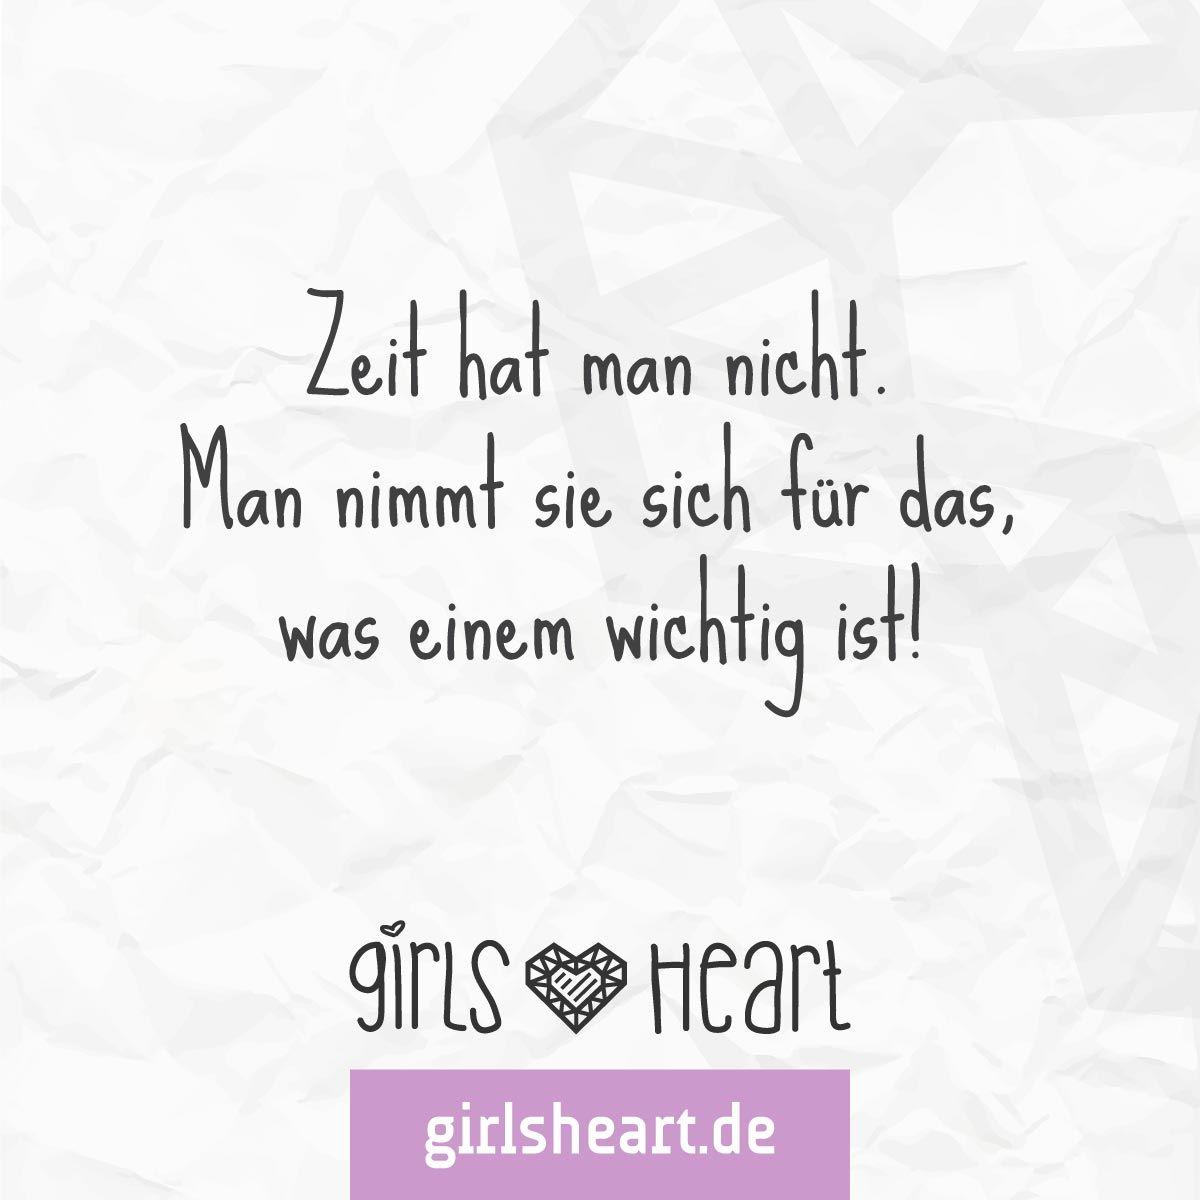 zeit nehmen sprüche Mehr Sprüche auf: .girlsheart.de #zeit #wichtig #zeitnehmen  zeit nehmen sprüche